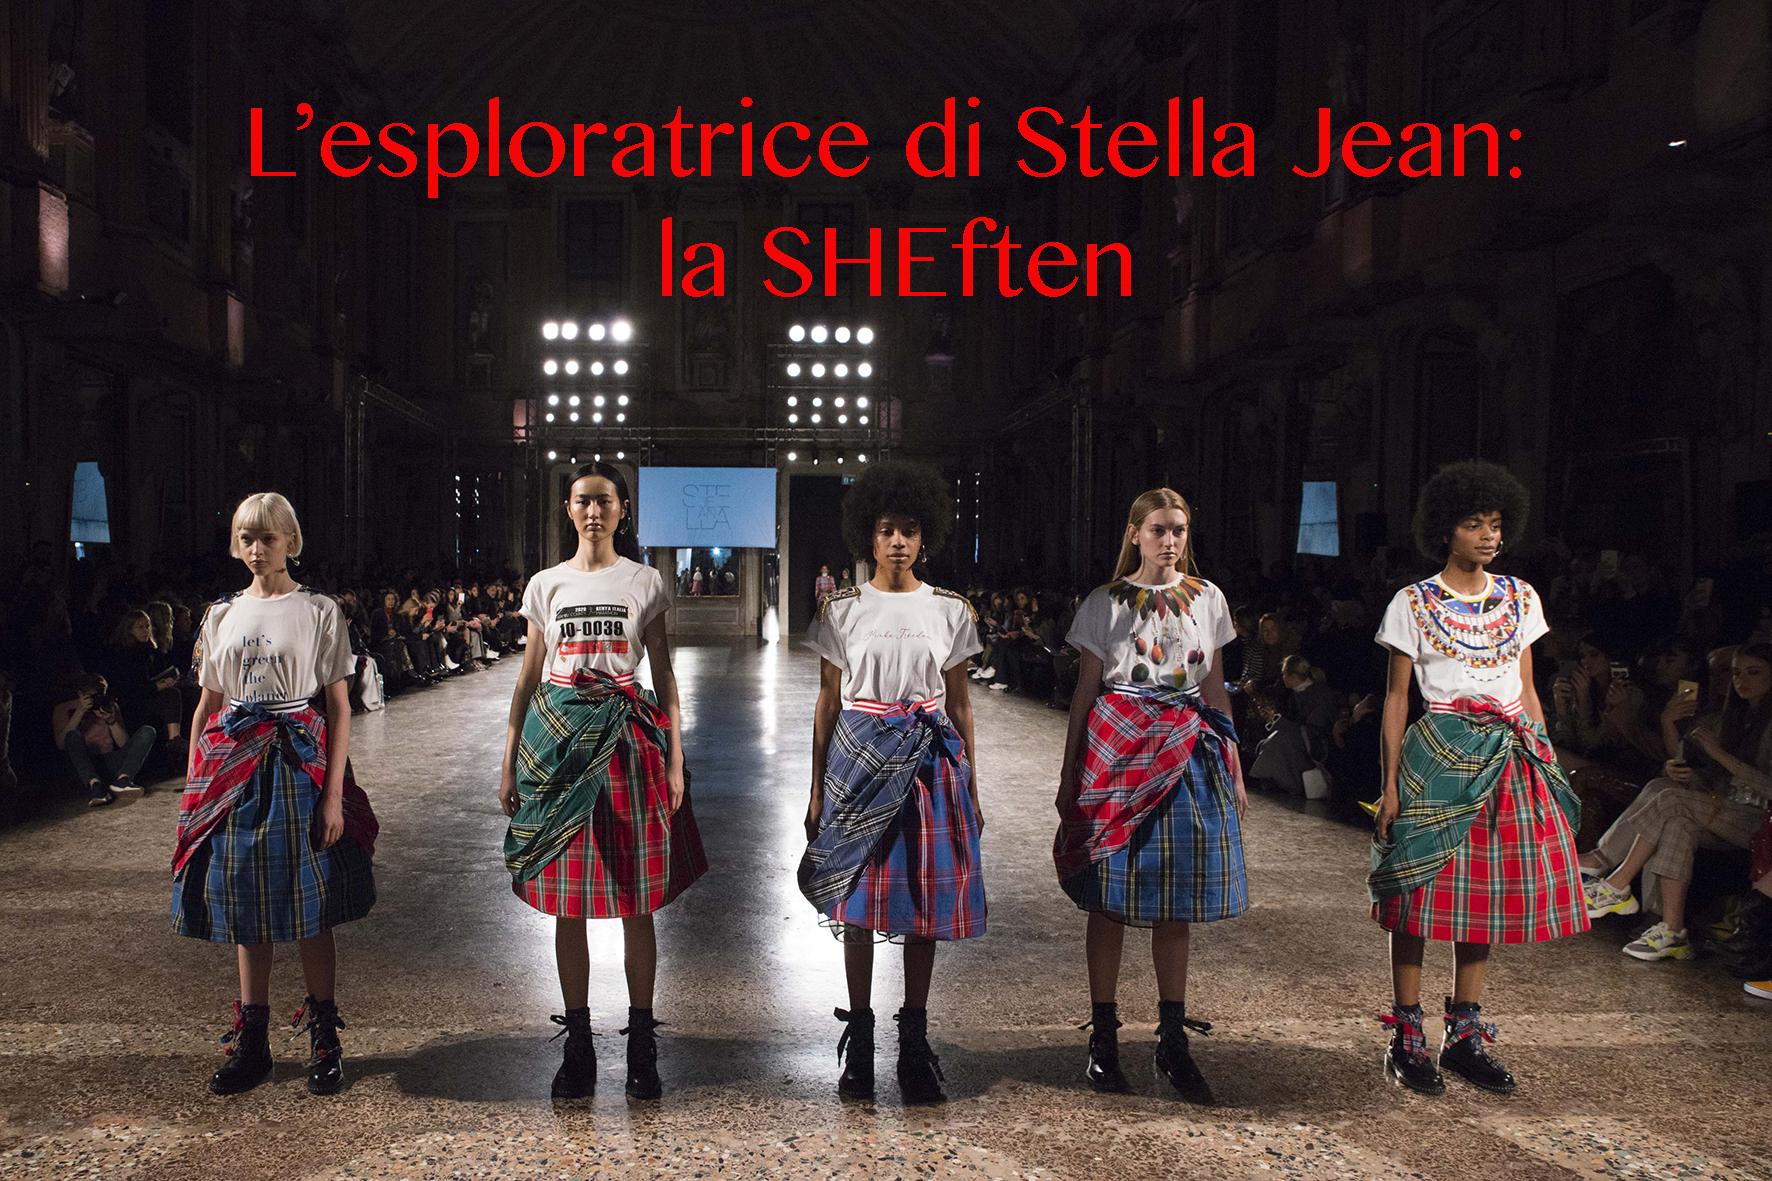 L'esploratrice di Stella Jean: La SHEften.